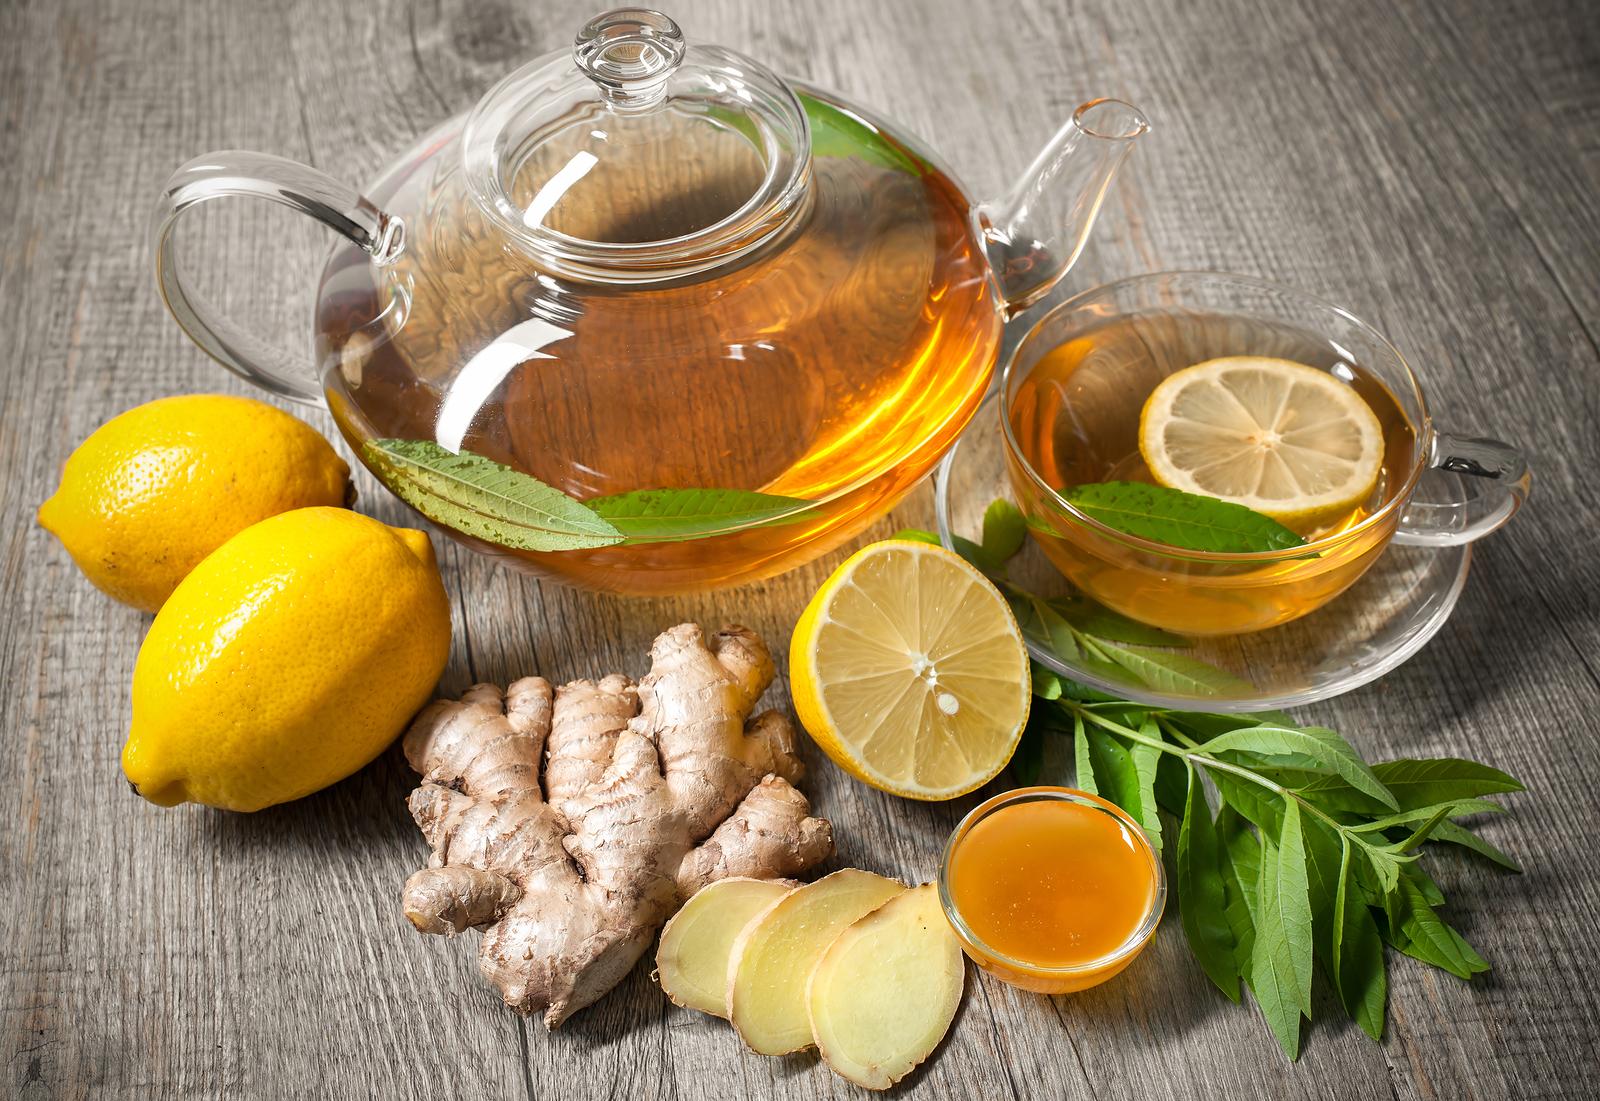 Ginger Lemon Honey Tea Weight Loss